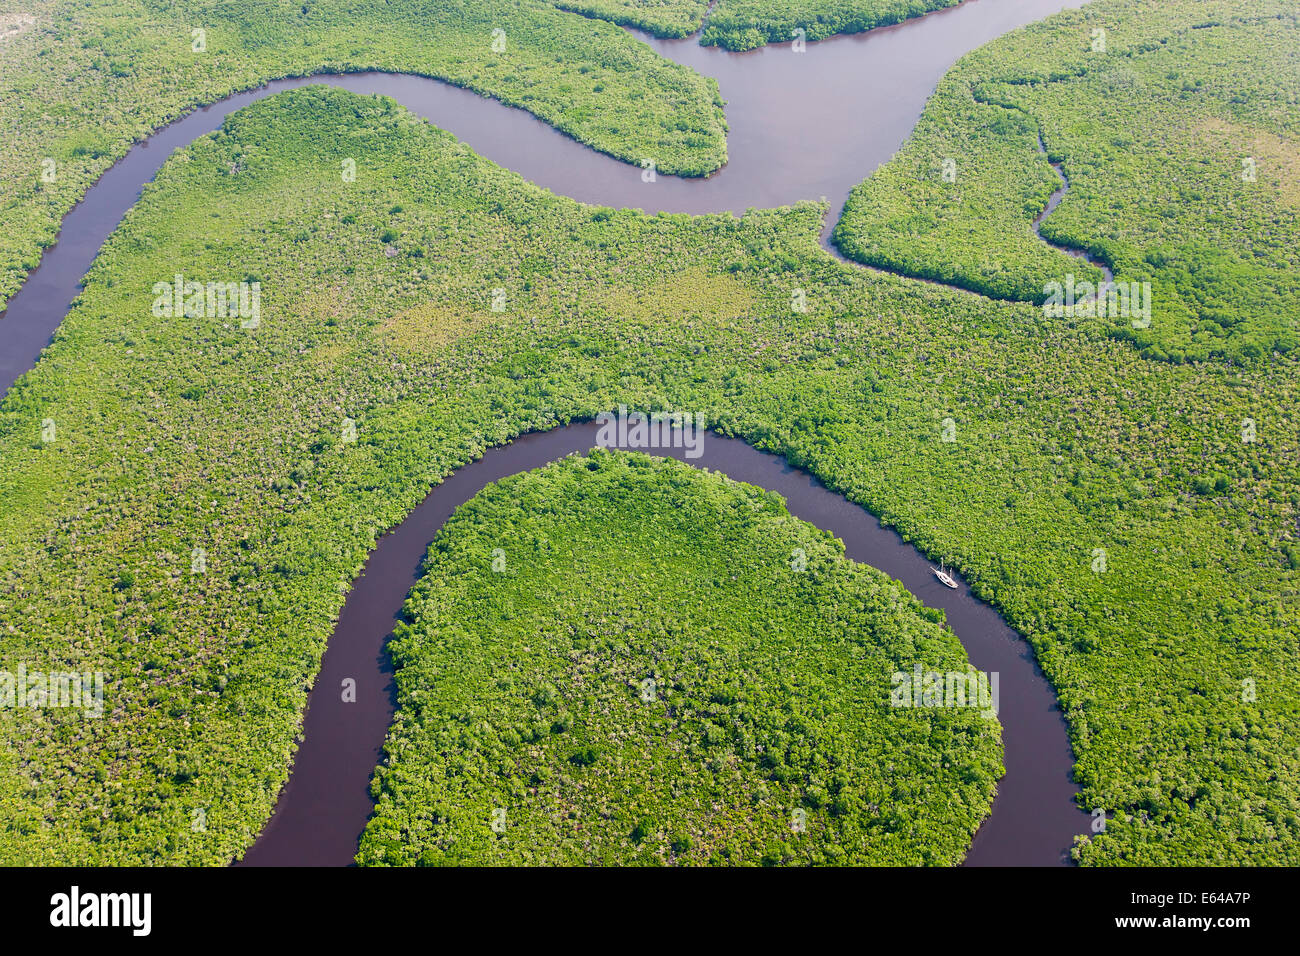 Bote de vela & vista aérea del bosque lluvioso, Daintree River, Parque Nacional Daintree, Queensland, Australia Imagen De Stock